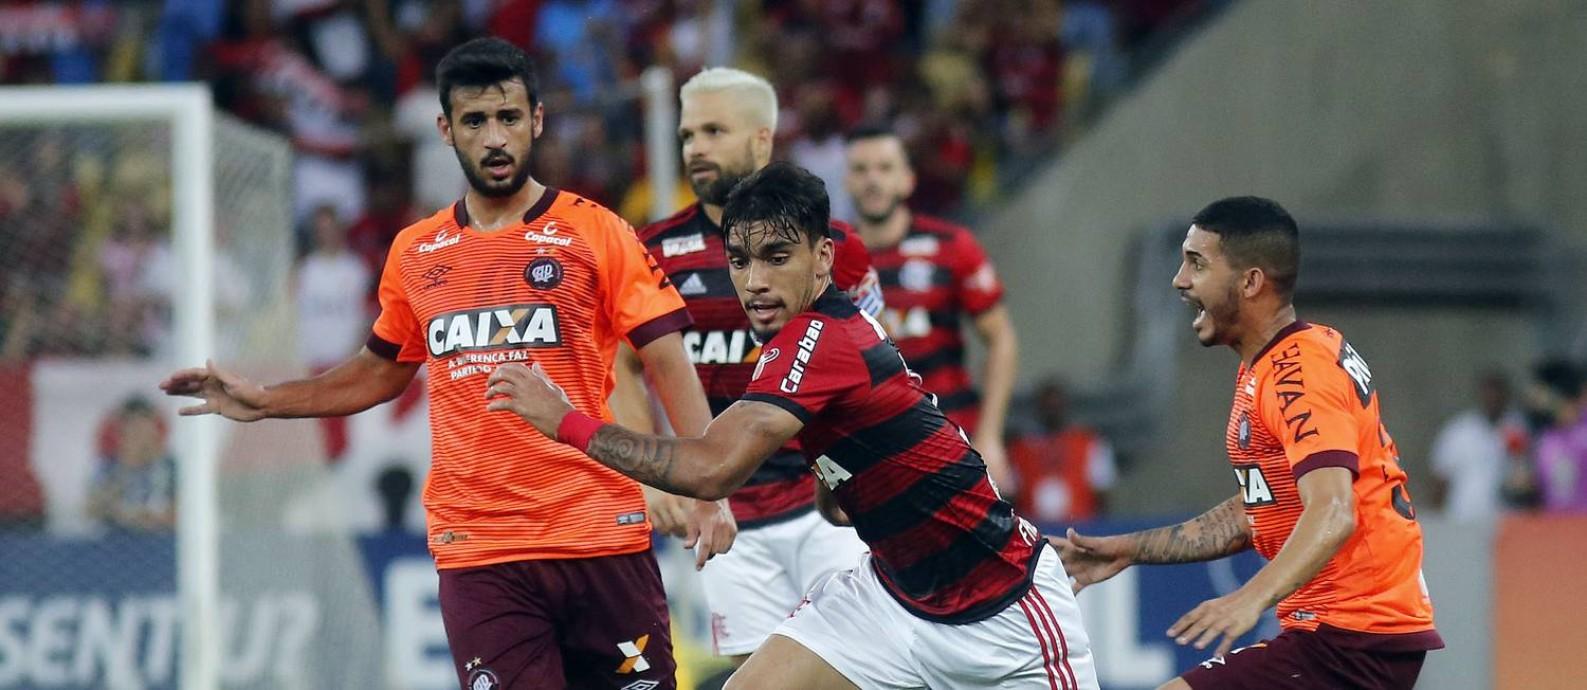 750deba10aa8c Paquetá recebe a marcação de dois jogadores do Atlético-PR no adeus ao  Flamengo Foto